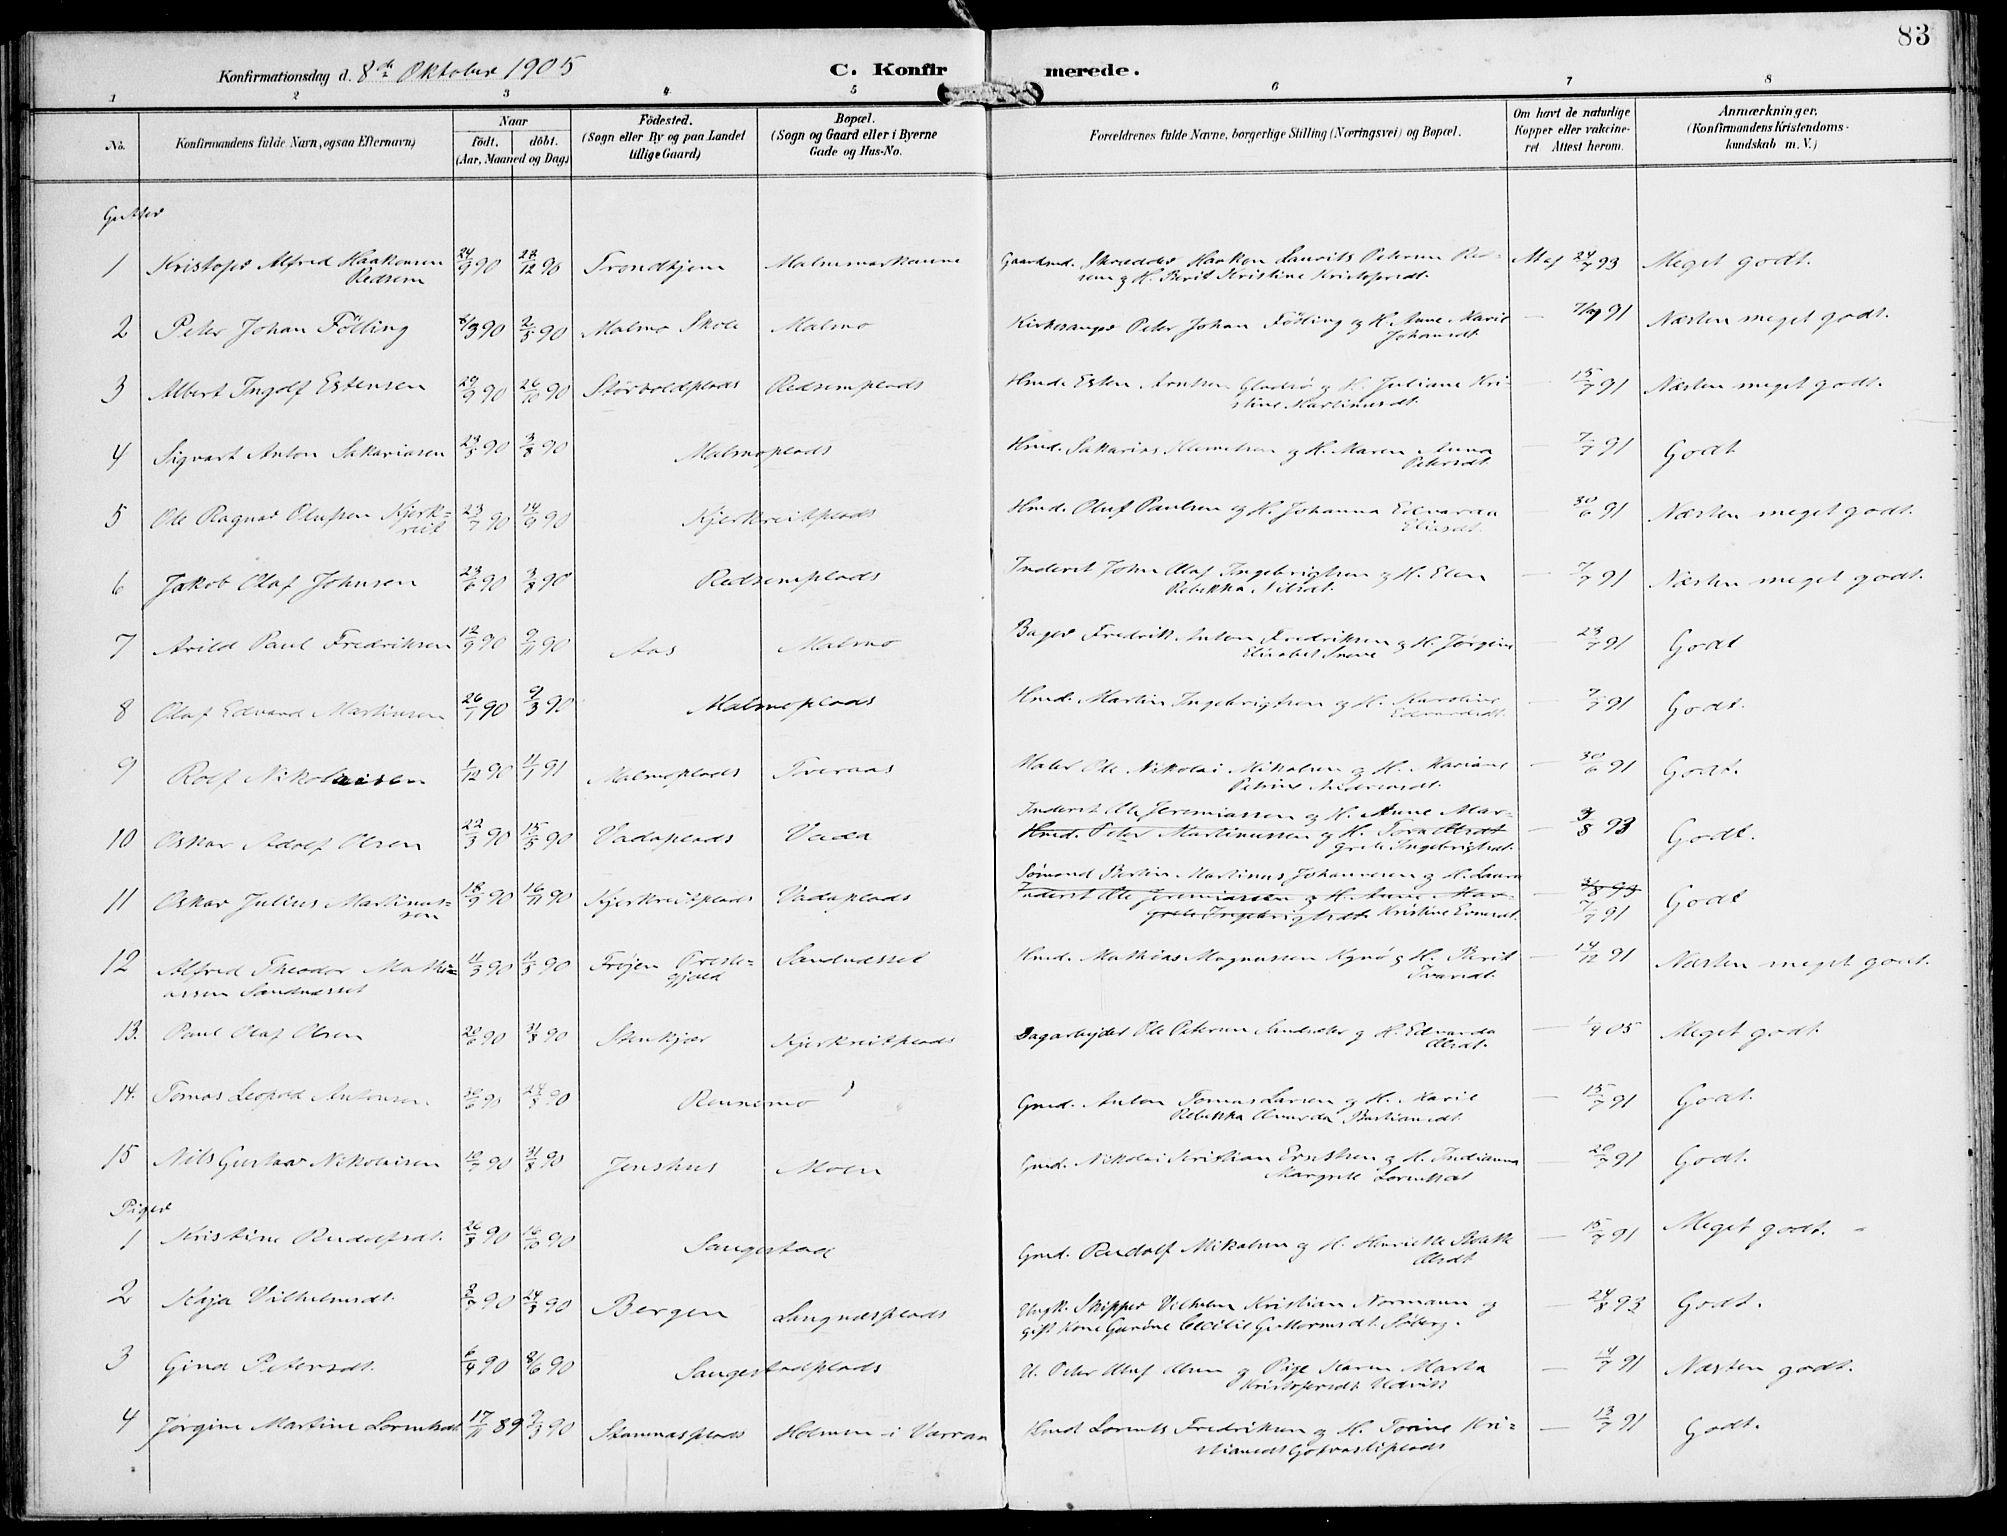 SAT, Ministerialprotokoller, klokkerbøker og fødselsregistre - Nord-Trøndelag, 745/L0430: Ministerialbok nr. 745A02, 1895-1913, s. 83